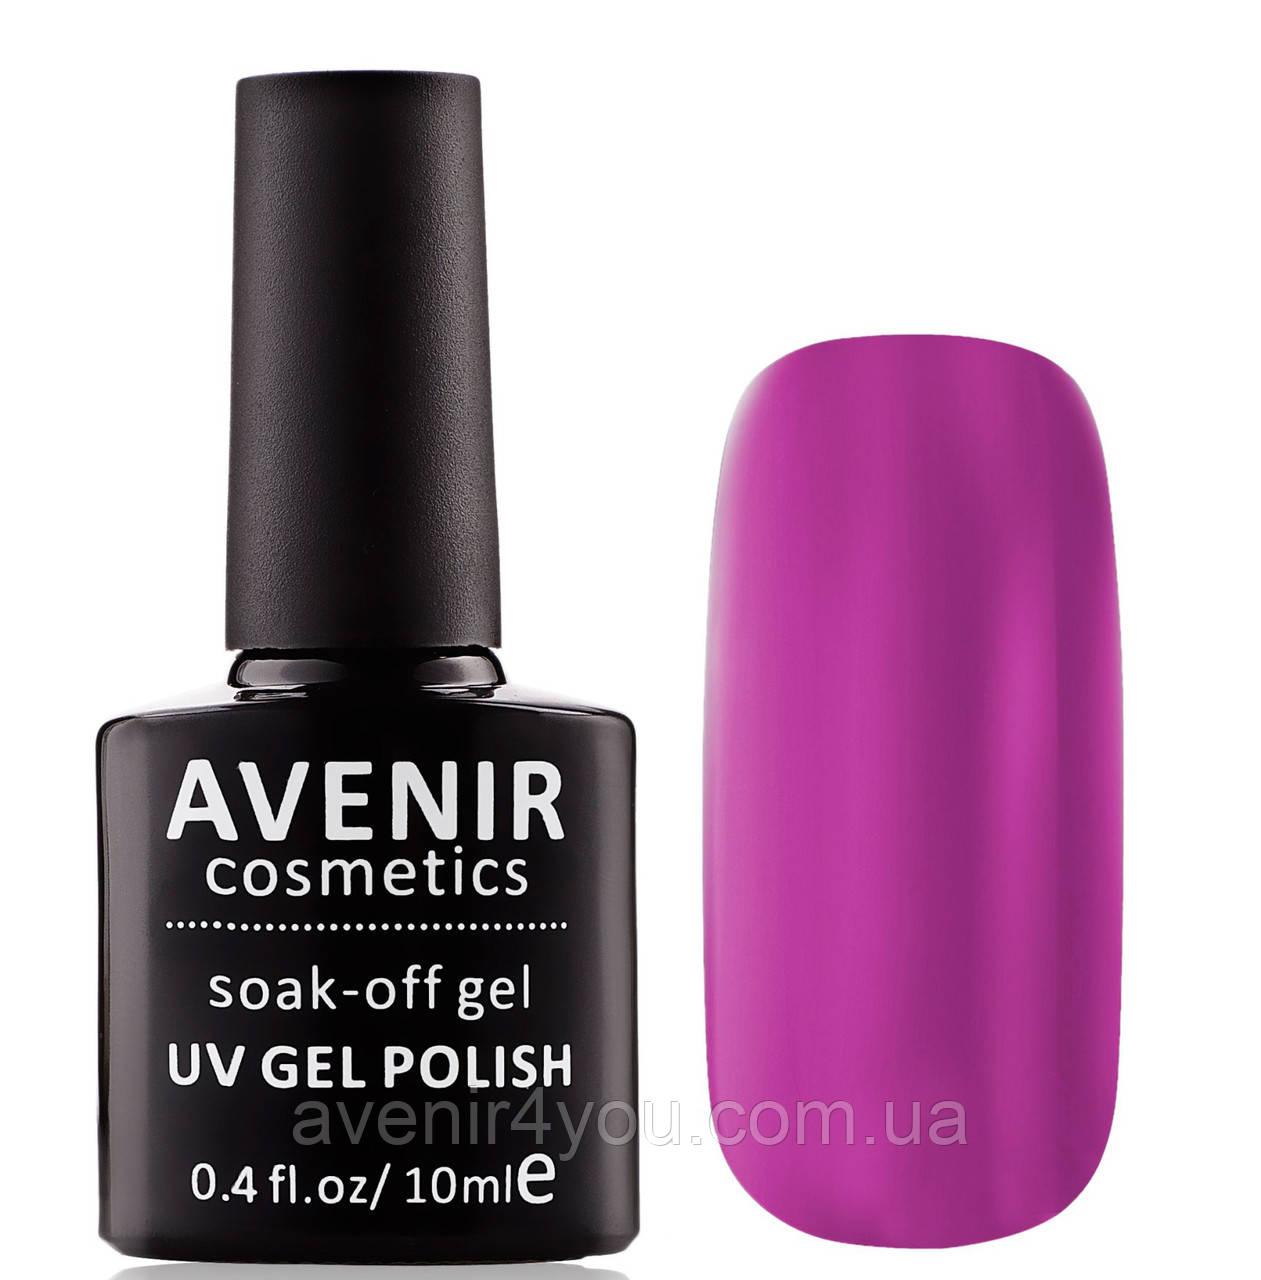 Гель-лак AVENIR Cosmetics №102. Сливовая фуксия